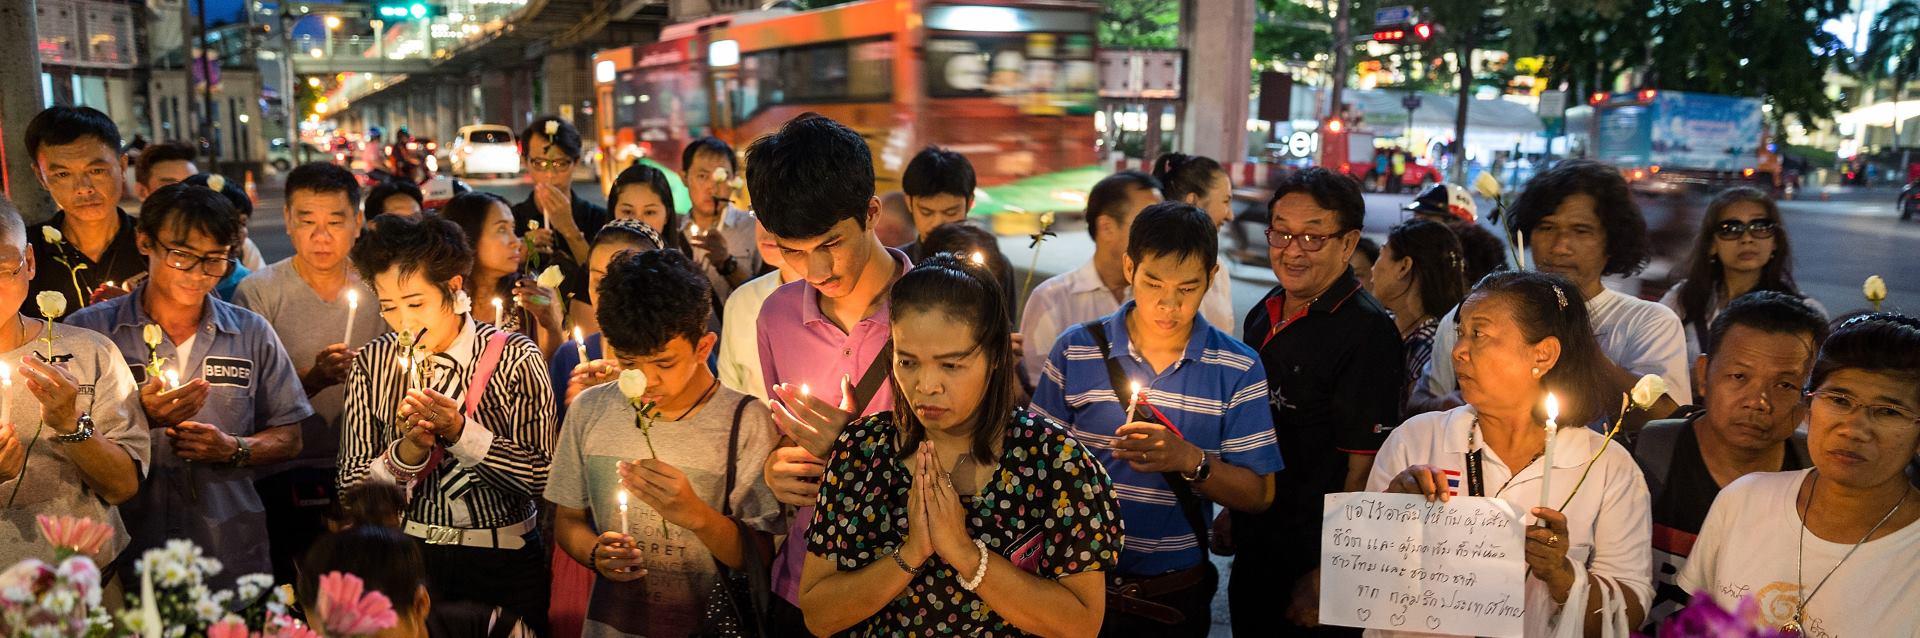 NAKON EKSPLOZIJE Ljudi mole za žrtve ispred oltara svetišta Erawan